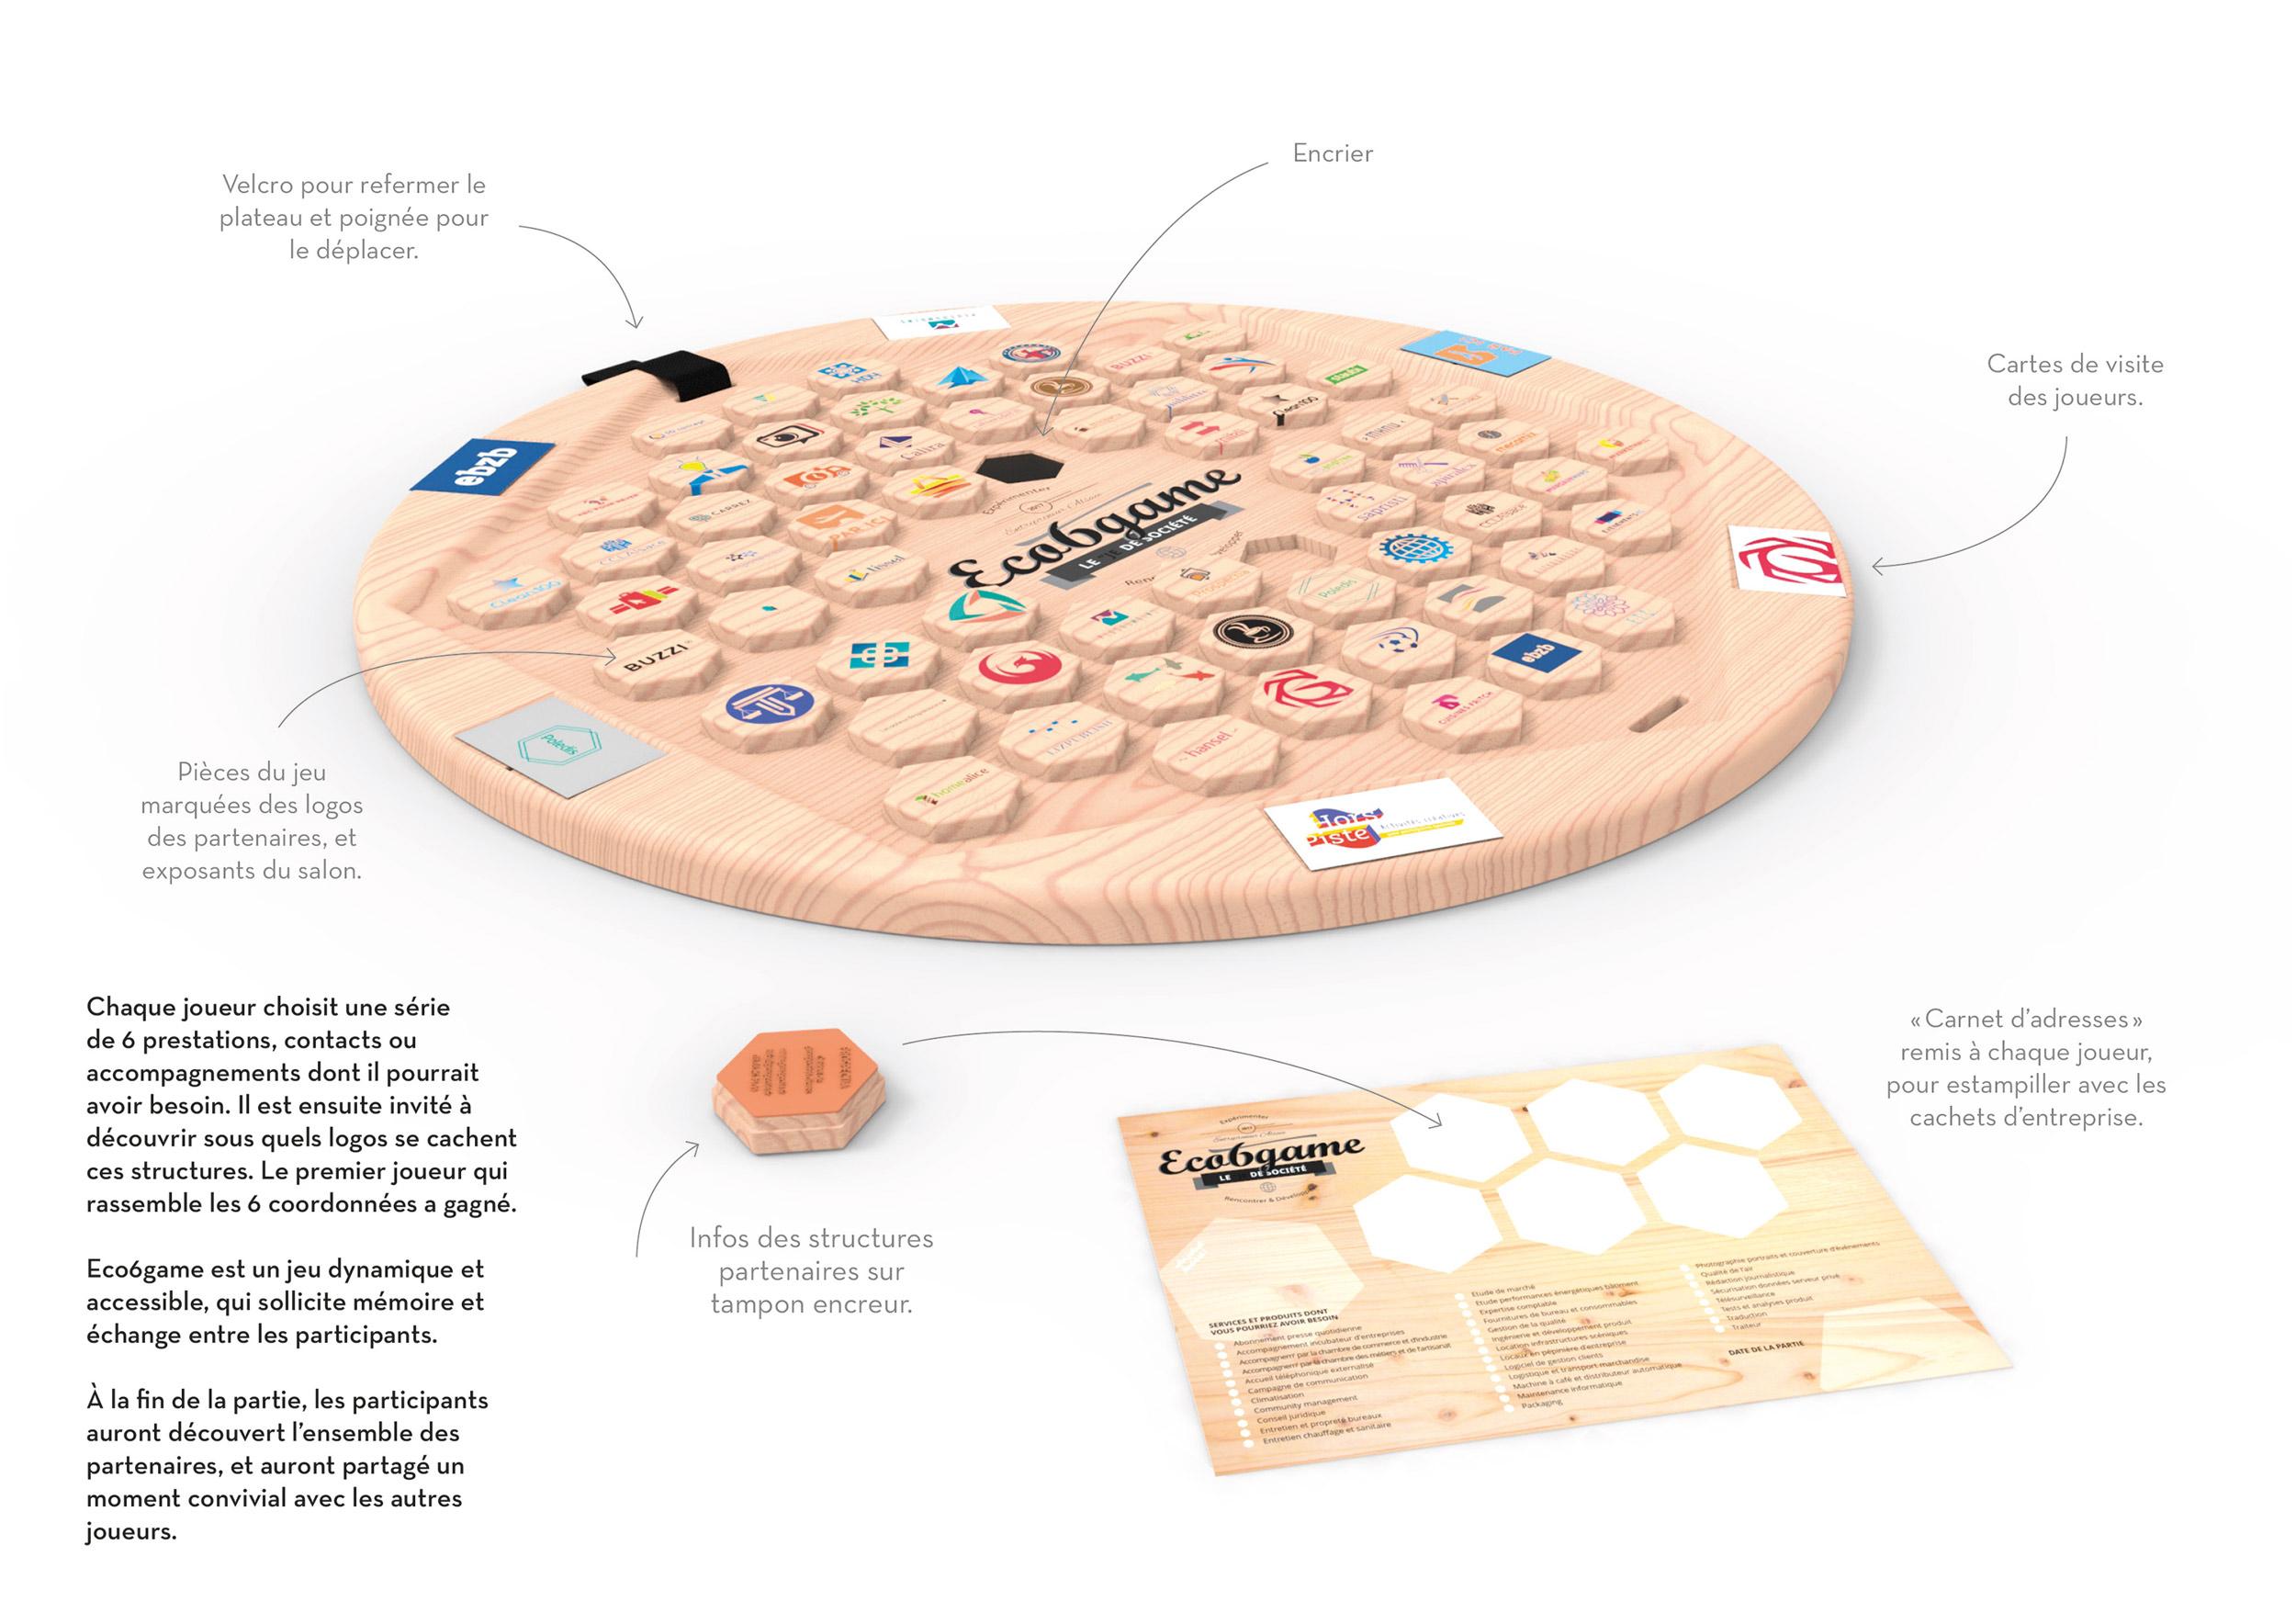 Présentation du jeu de société Eco6game avec légendes